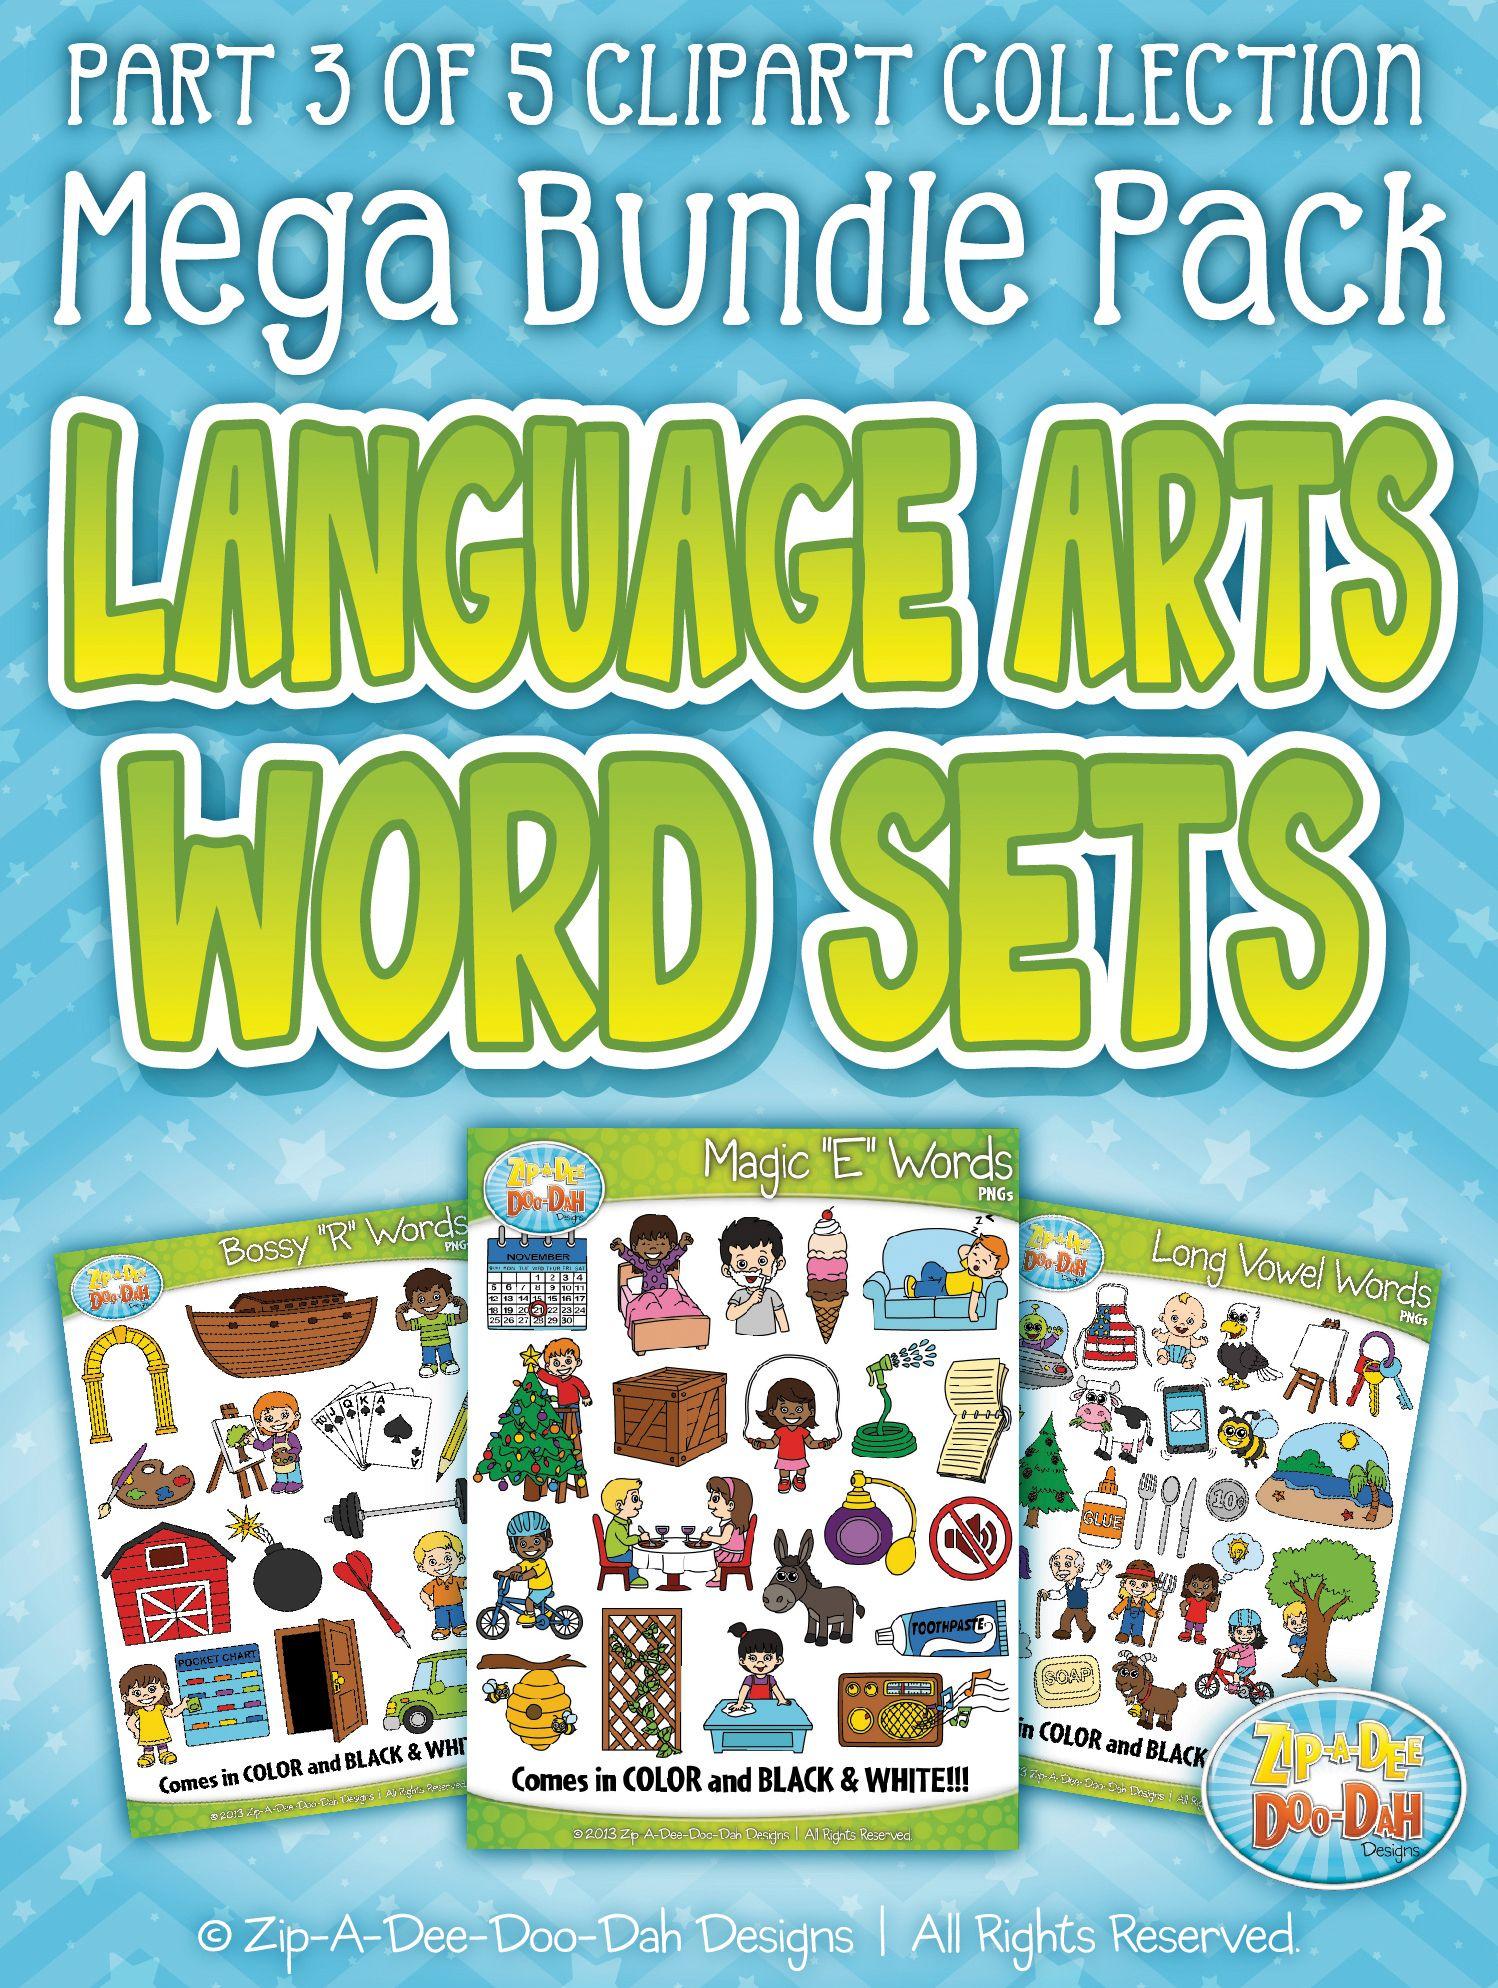 Language Arts Words Clipart Part 3 Mega Bundle Zip A Dee